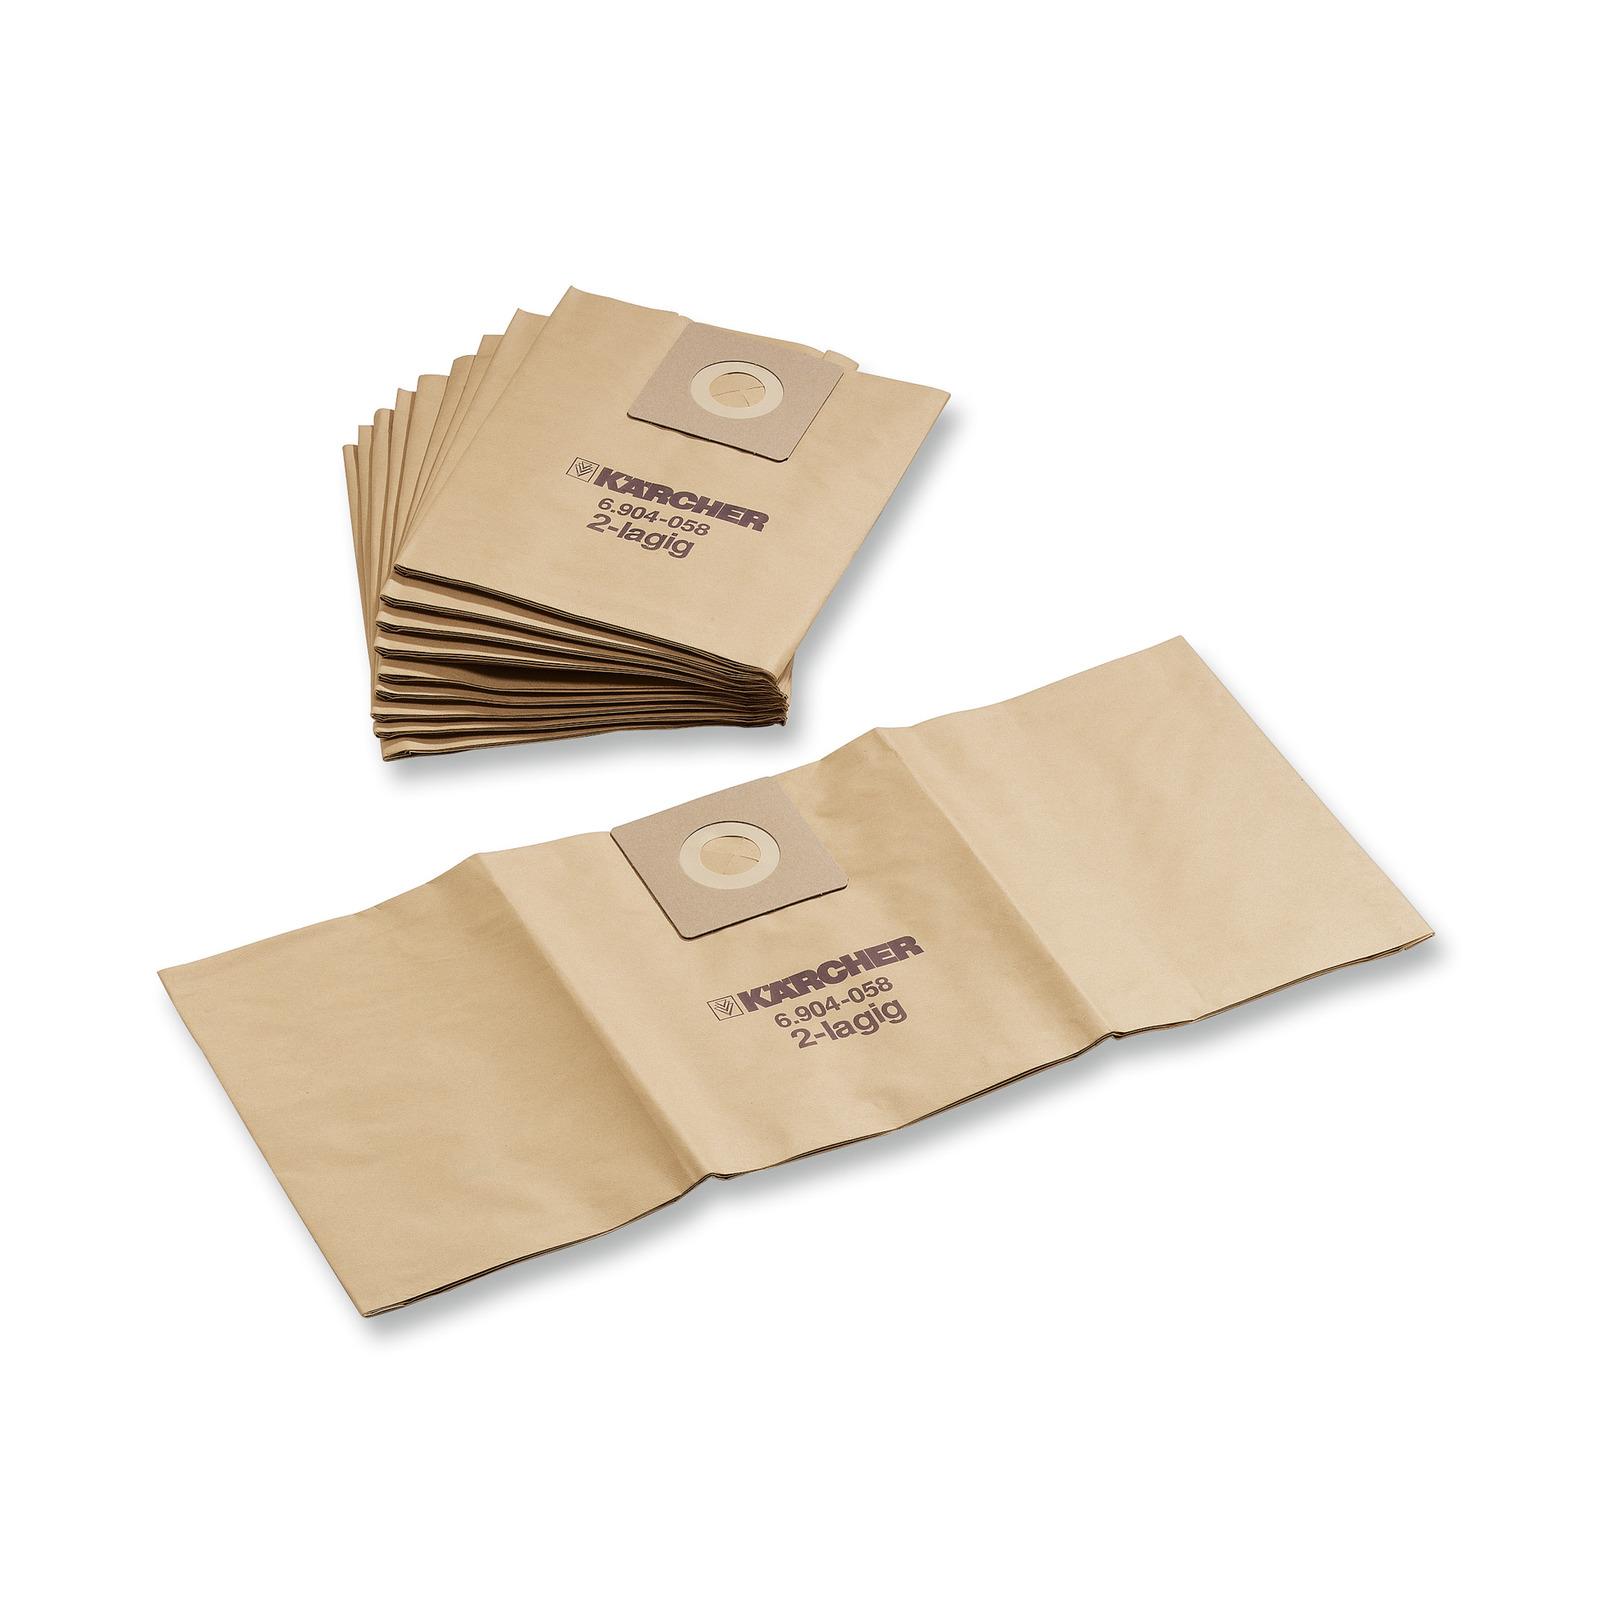 44137f5cc Papierové filtračné vrecká 69042590 https://www.kaercher .com/sk/prislusenstvo/papierove-filtracne-vrecka-69042590.html 5 papierových  filtračných vreciek ...